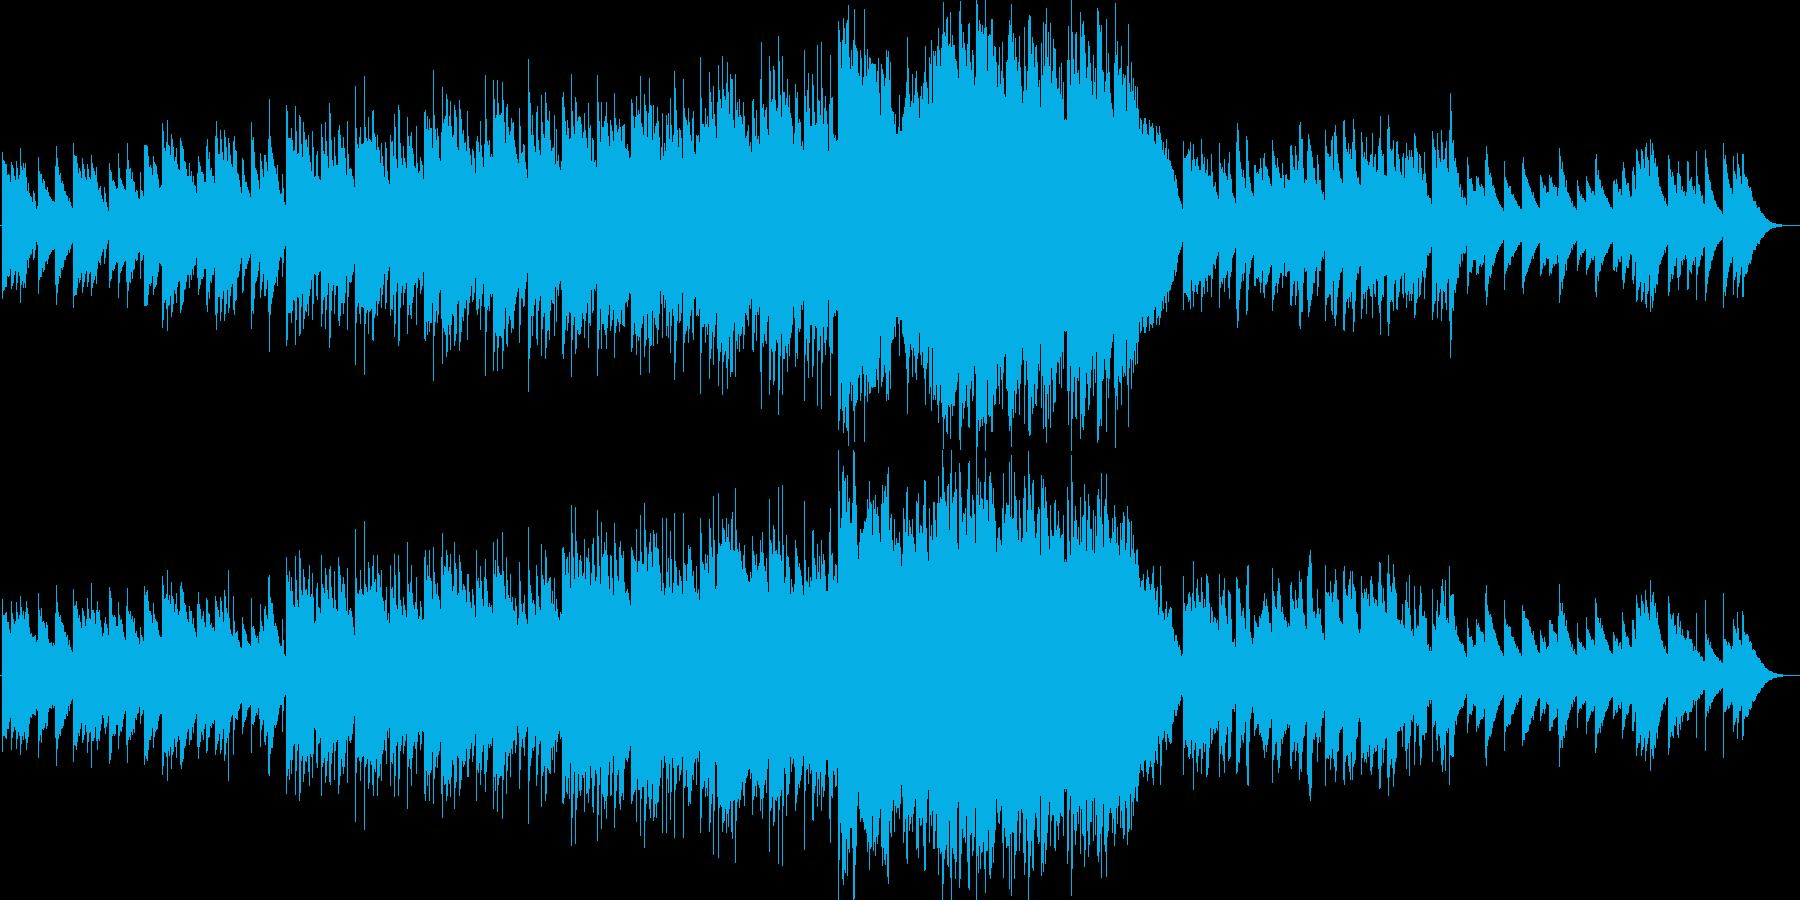 ビブラフォンメインの可愛らしい七夕曲の再生済みの波形